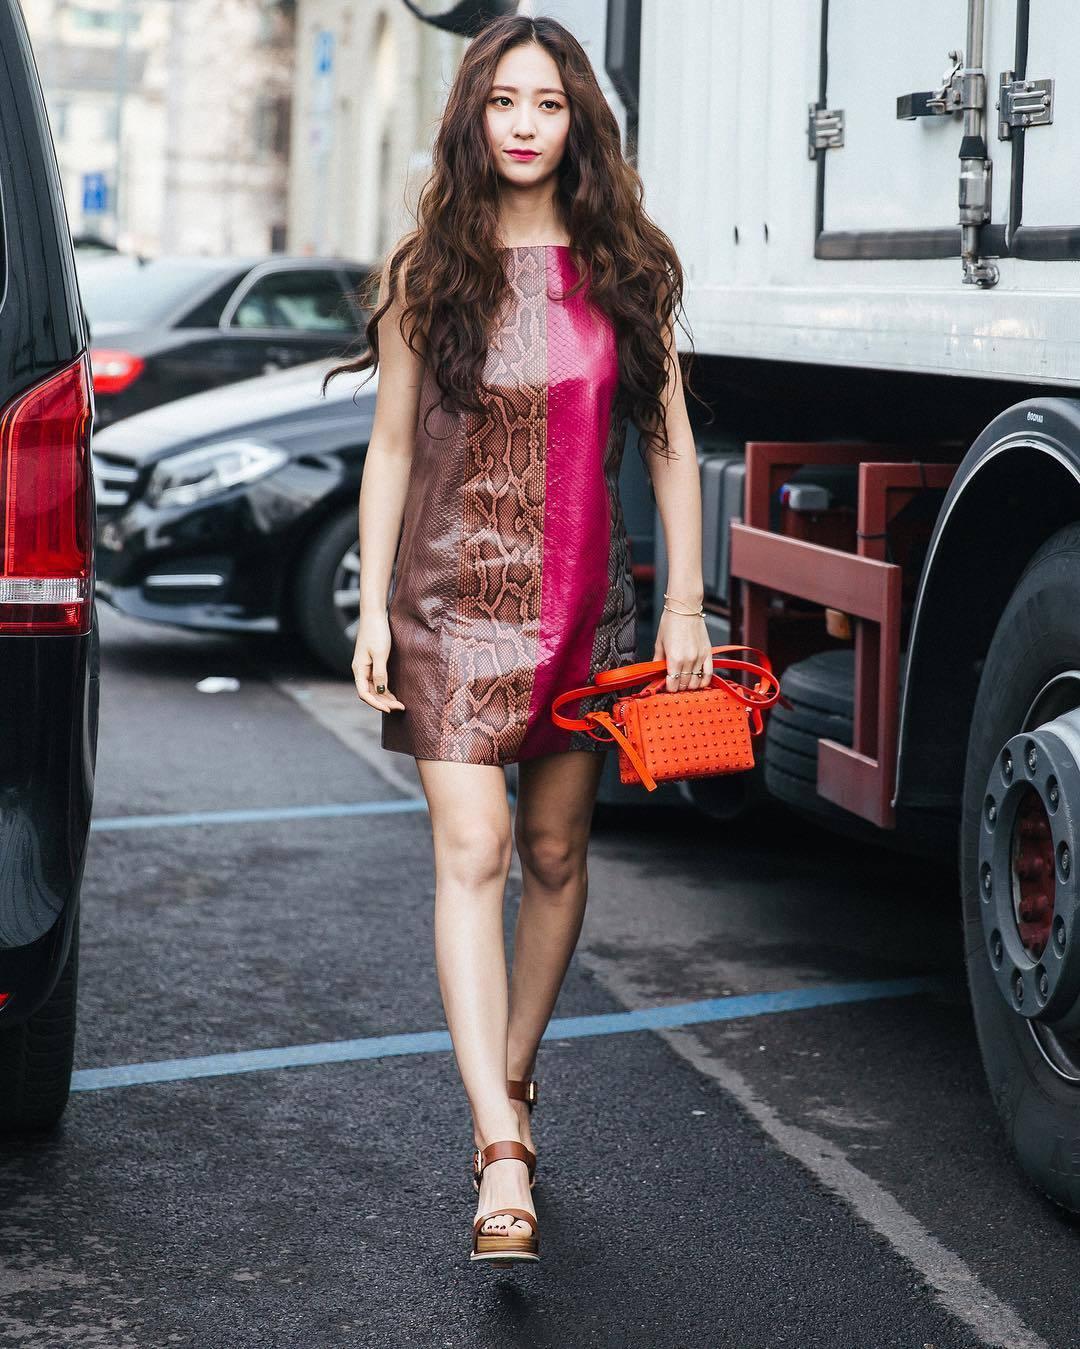 sao Kpop tham dự Tuần lễ Thời trang quốc tế 11